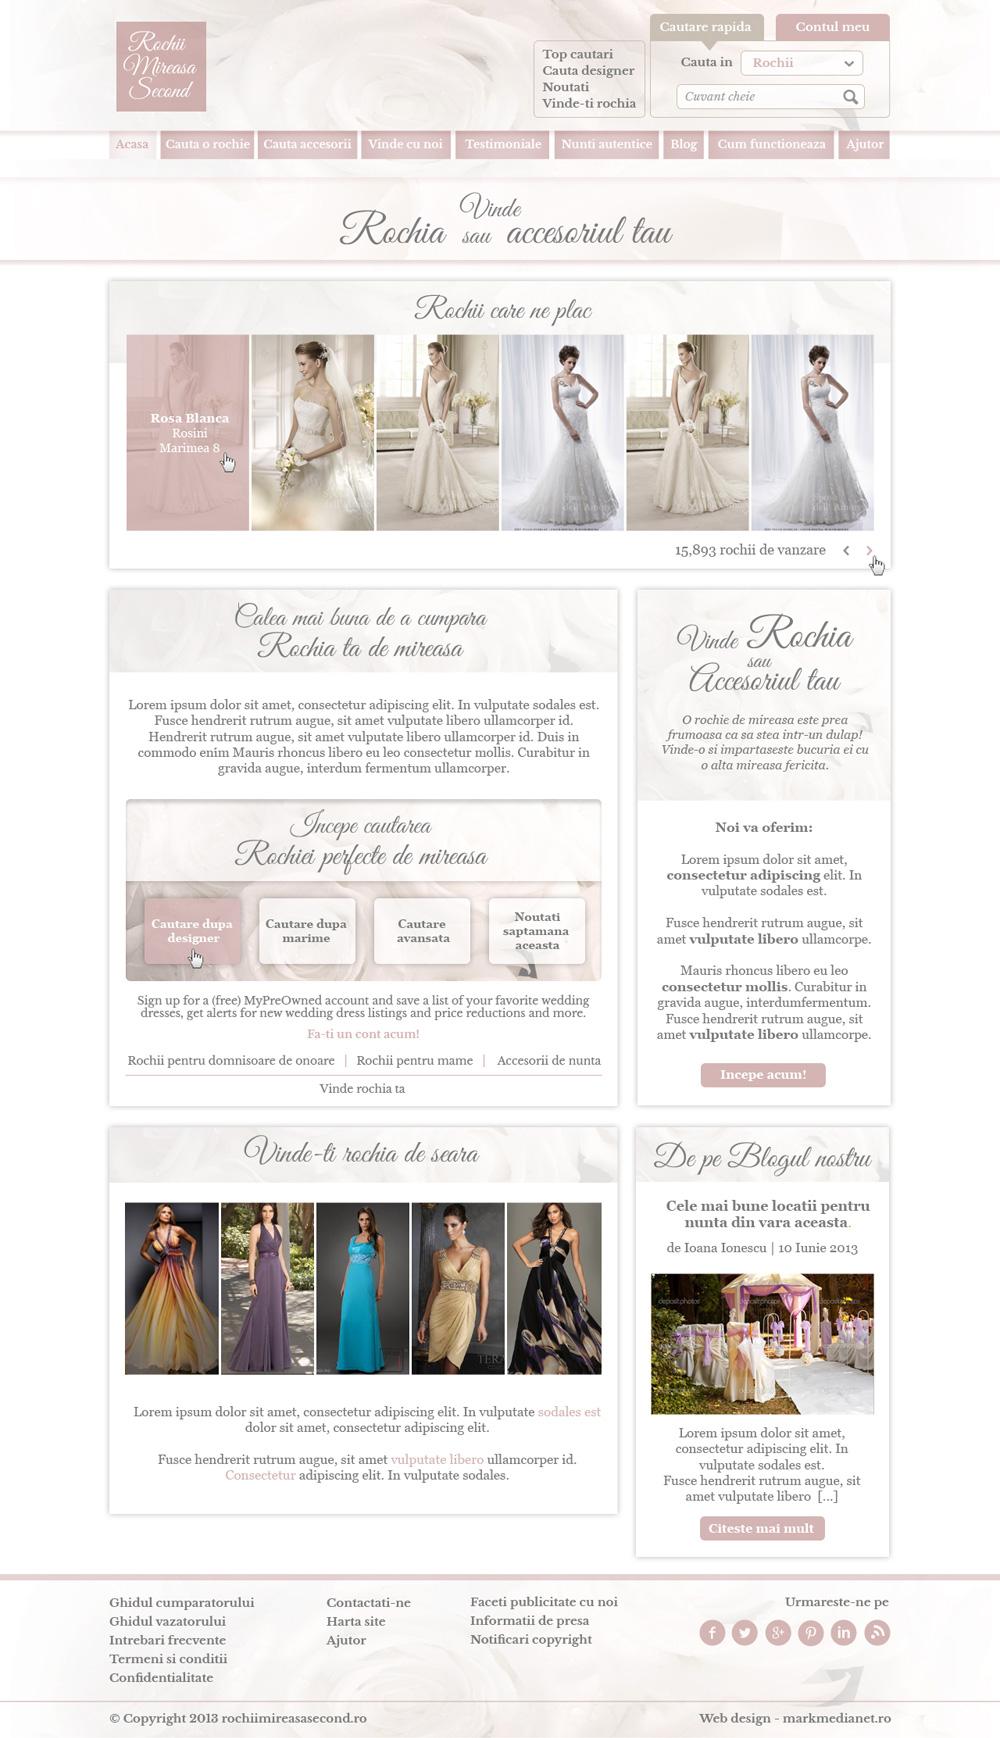 Rochii Mireasa Second - vinde-ti rochia de nunta